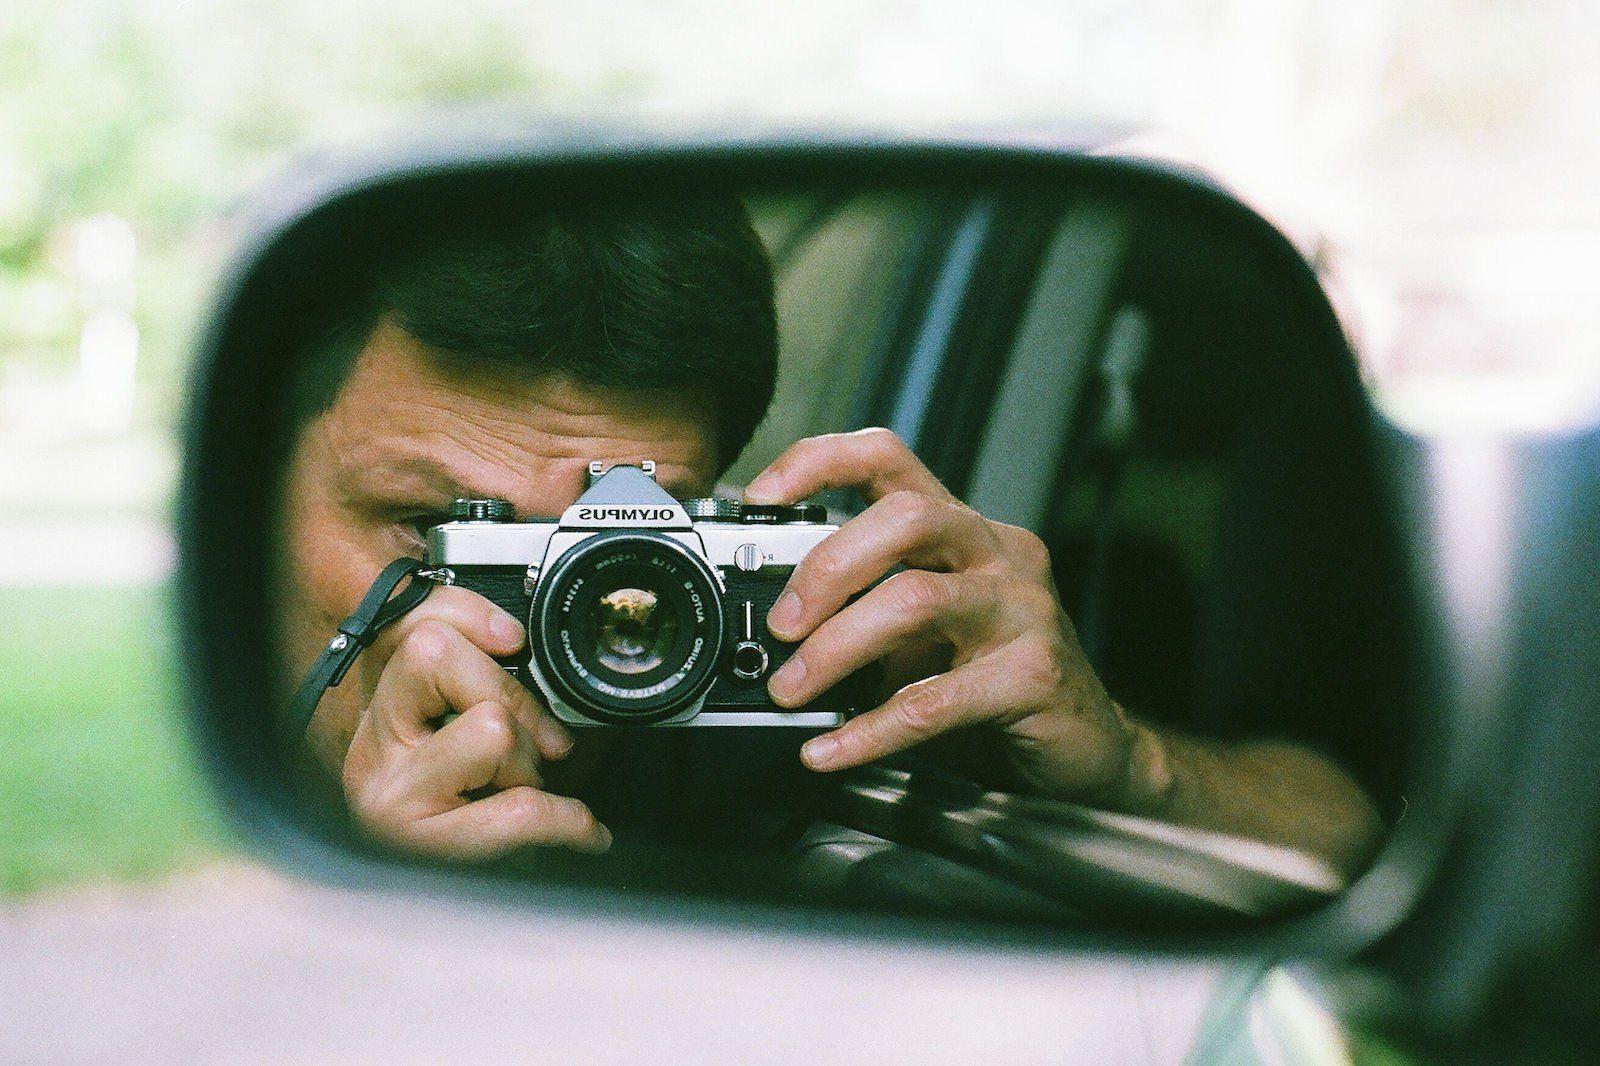 портрет на пленочный фотоаппарат знает, что его